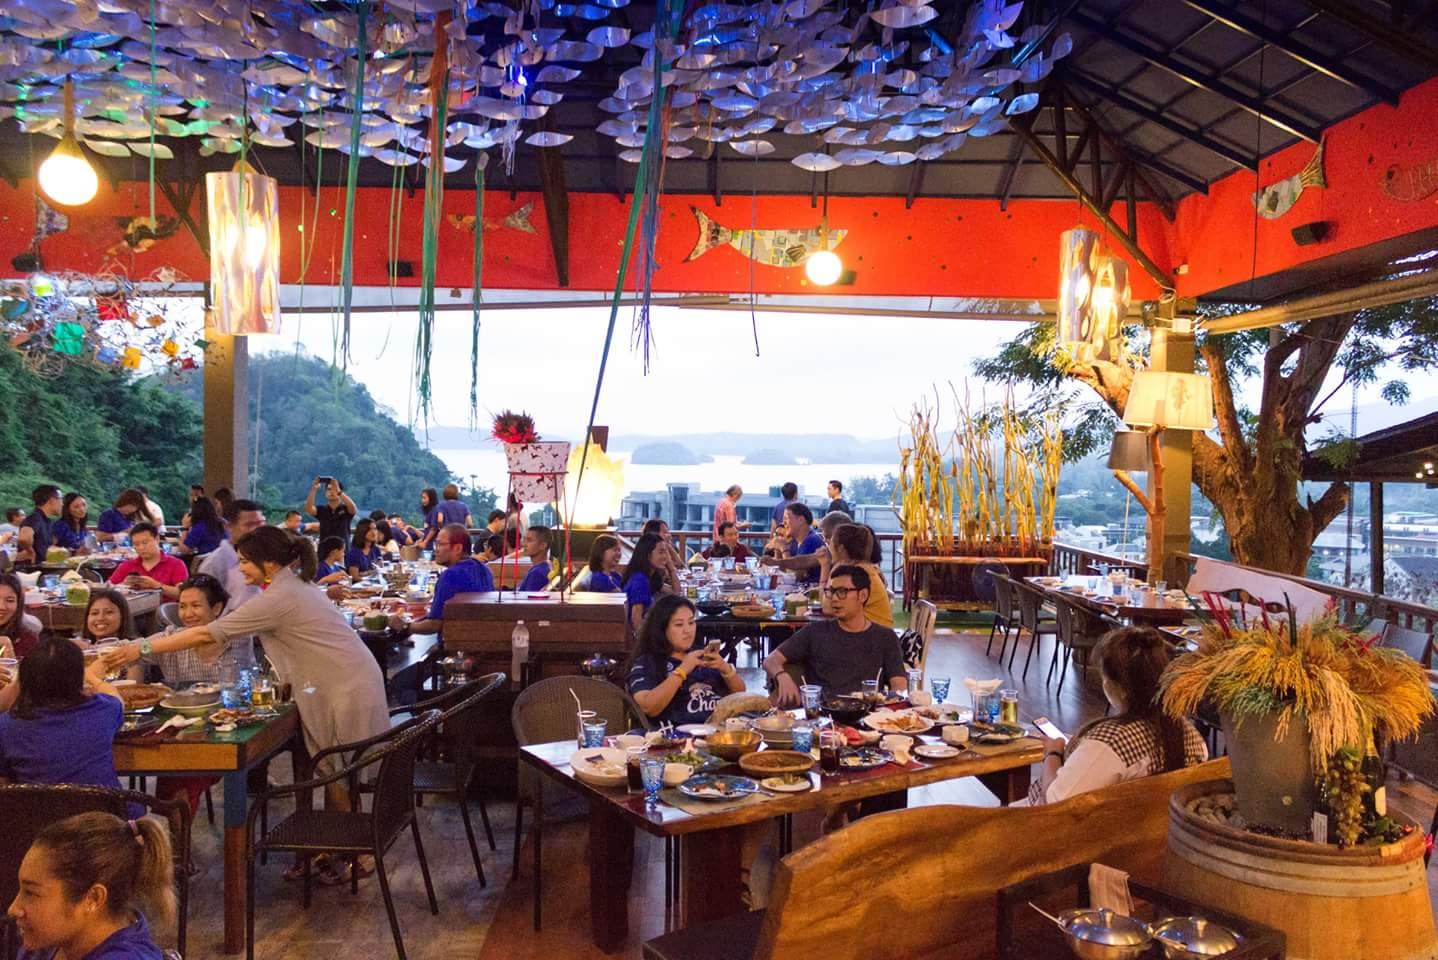 Lae La grill restoranas - vienas mūsų rekomenduojamų sąraše